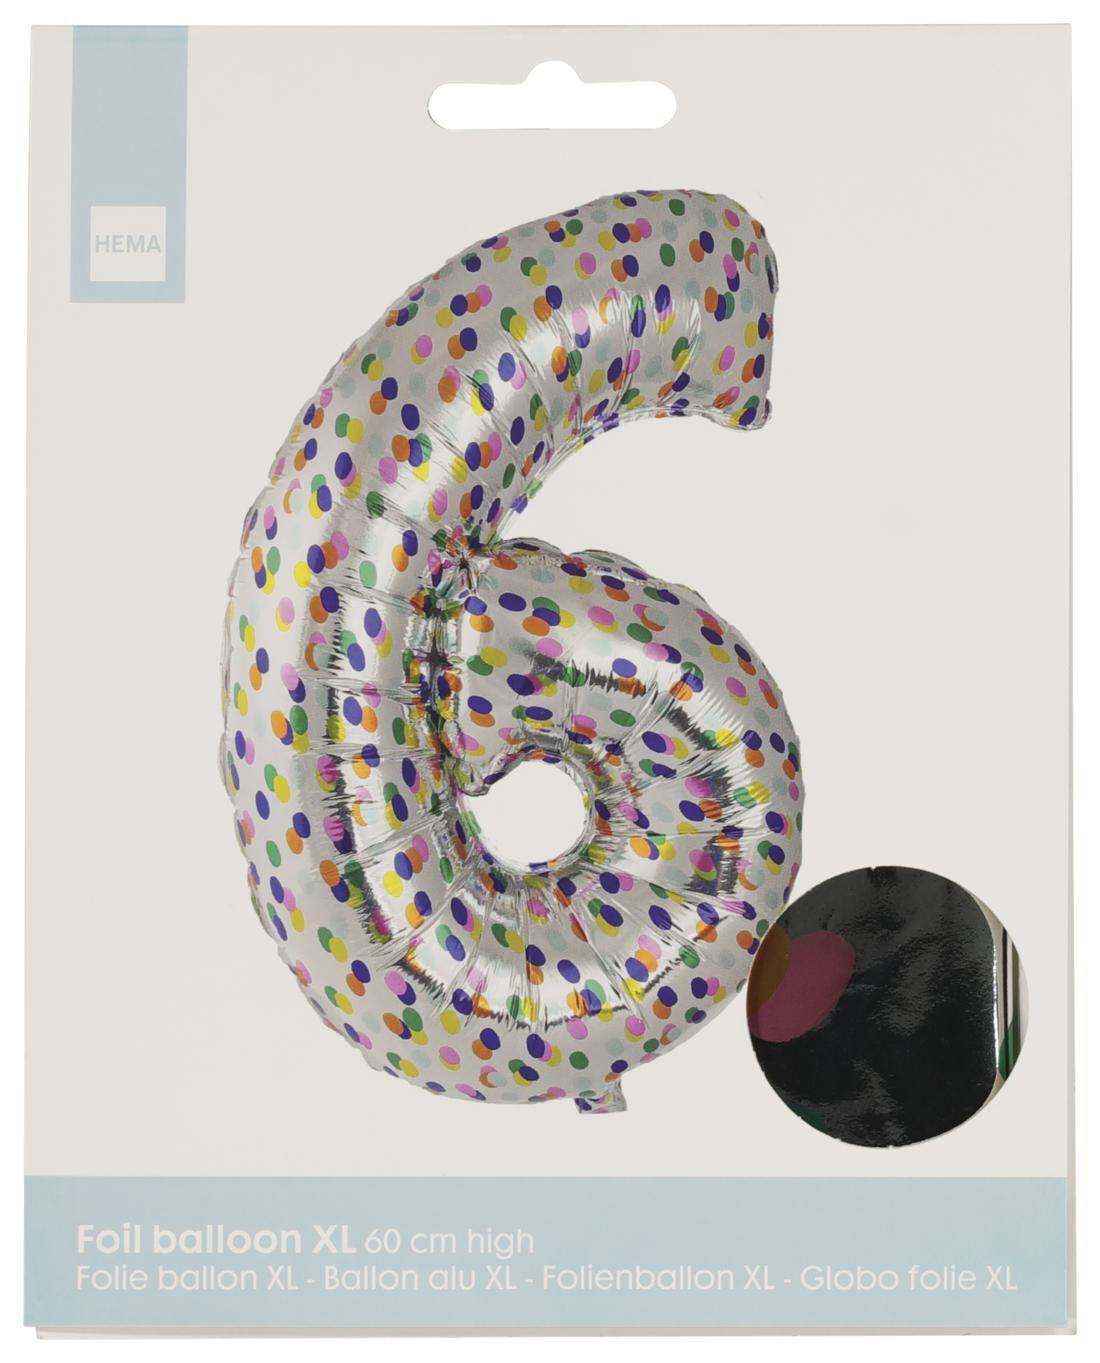 HEMA Folieballon XL Cijfer 6 - Confetti (multi)